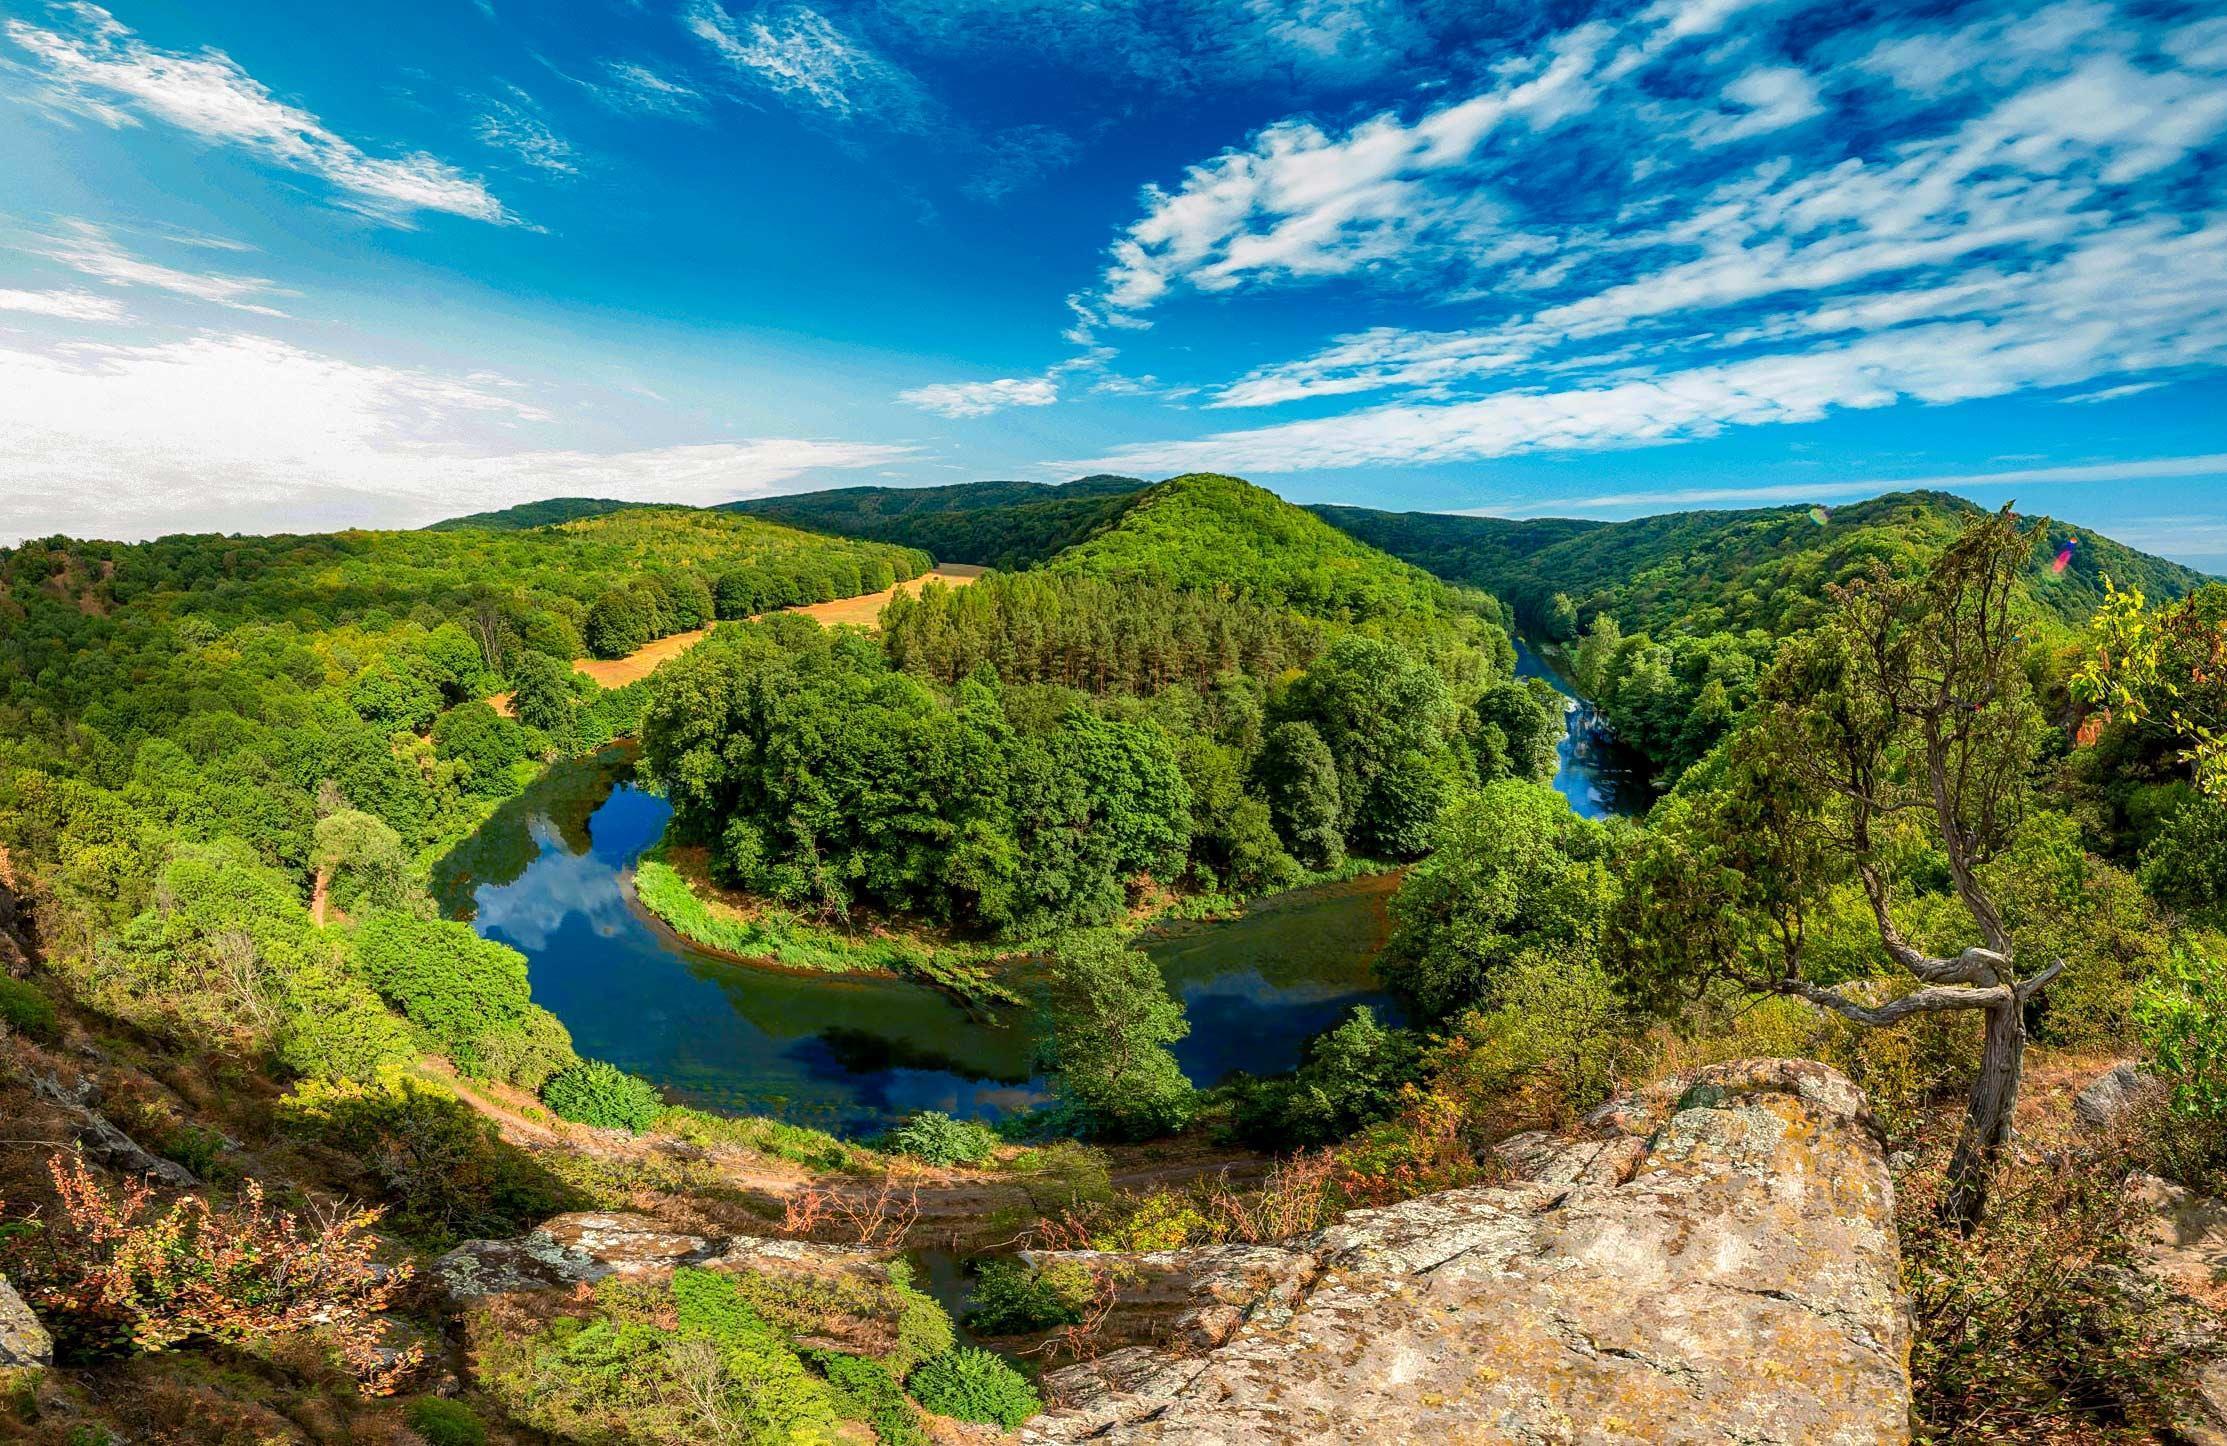 Náš výlet započneme v národním parku Thaytal, který leží jen kousek od hranic s Českou republikou